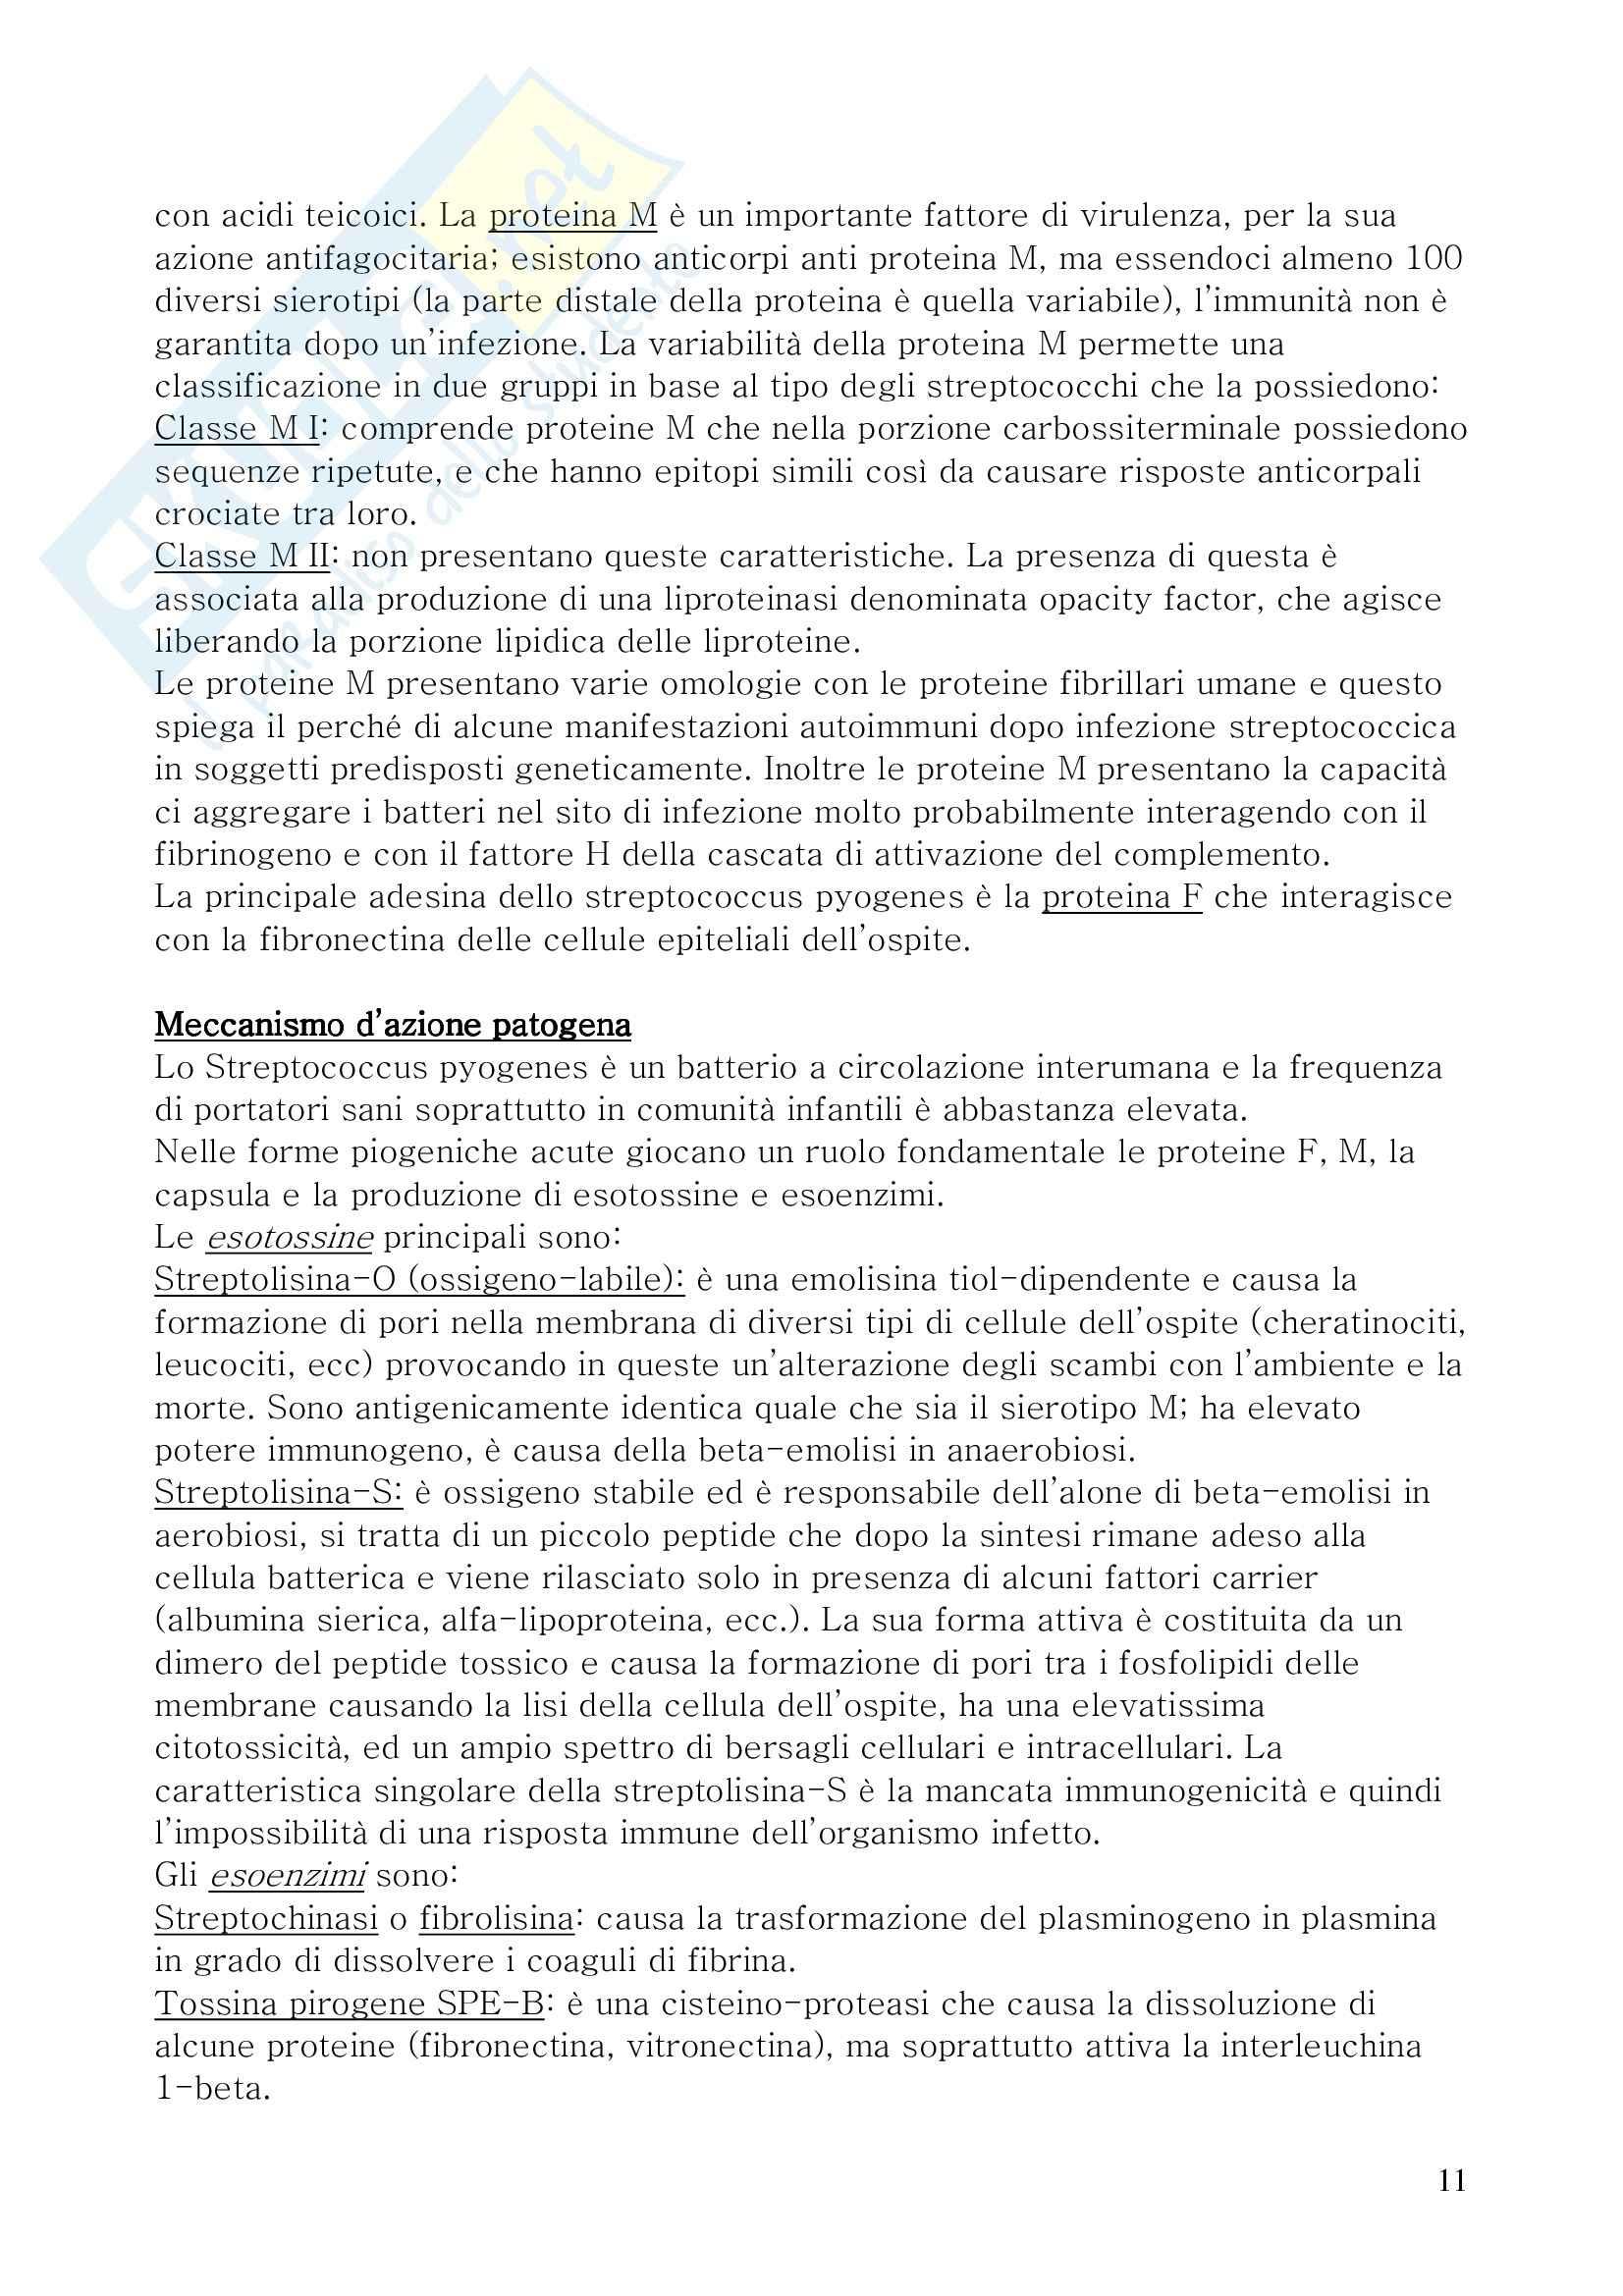 Microbiologia Pag. 11